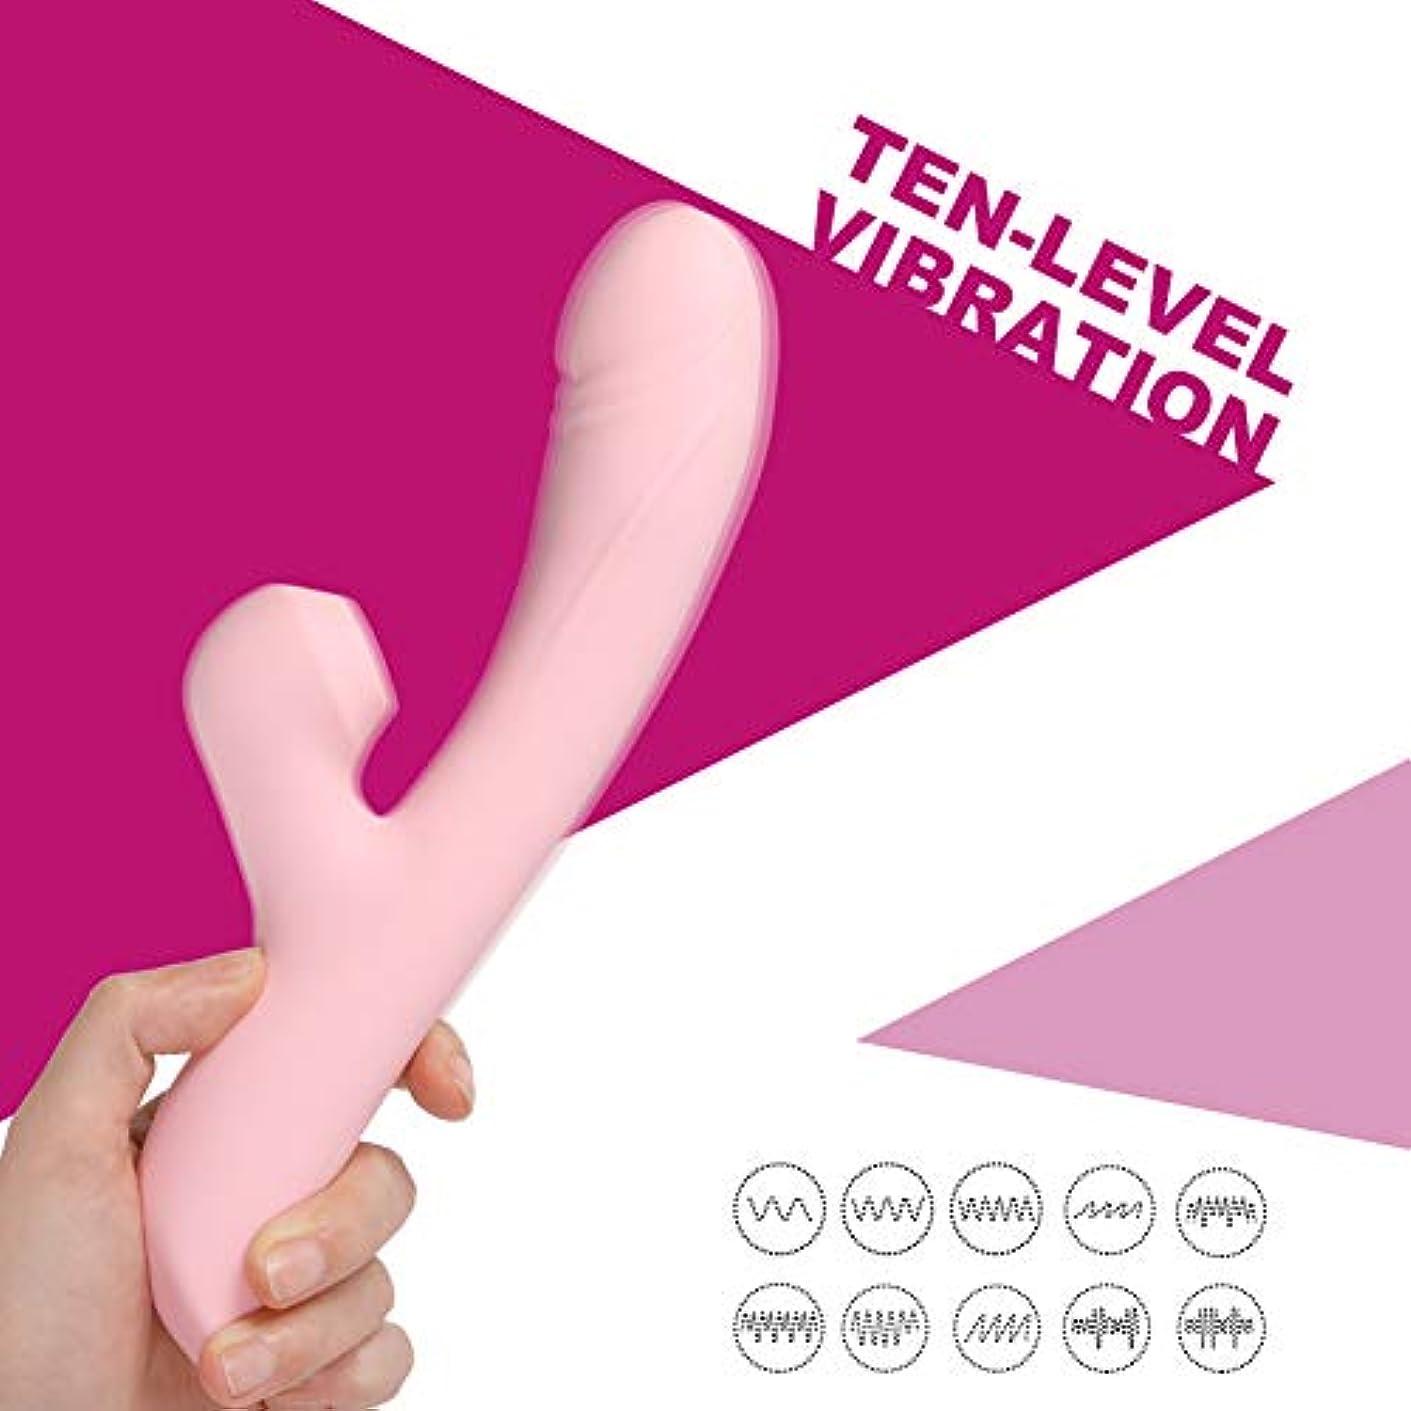 ボディ 人気 バイブレーター 加熱機能 潮吹き 女性 Gスポット 女性マッサージ器 アダルトグッズ (ピンク色)